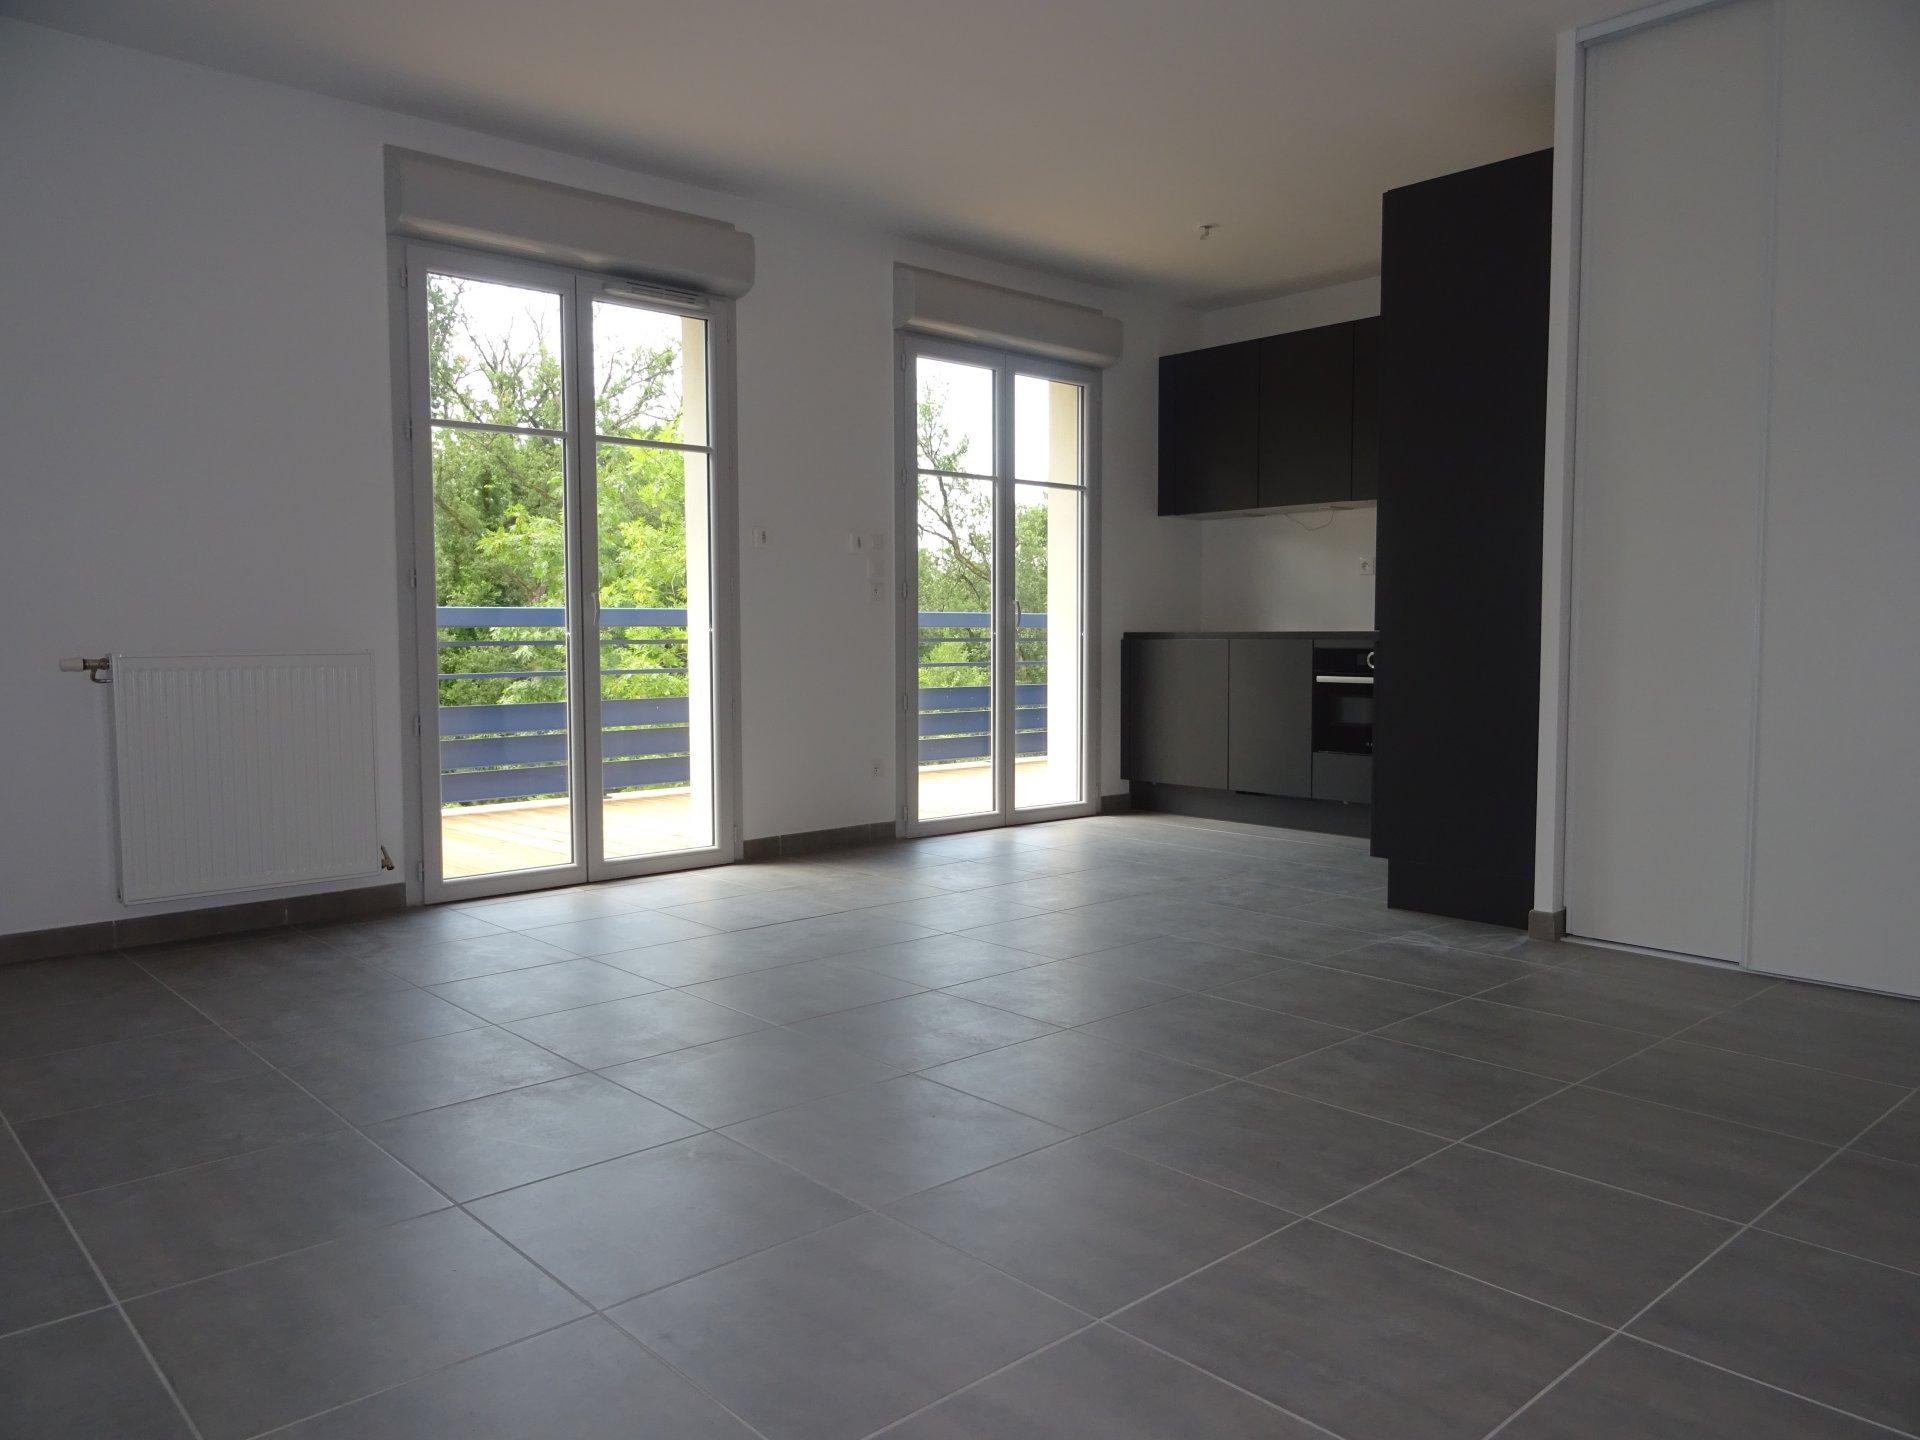 Colomiers, T2 de 54 m² avec terrasse et deux garages.